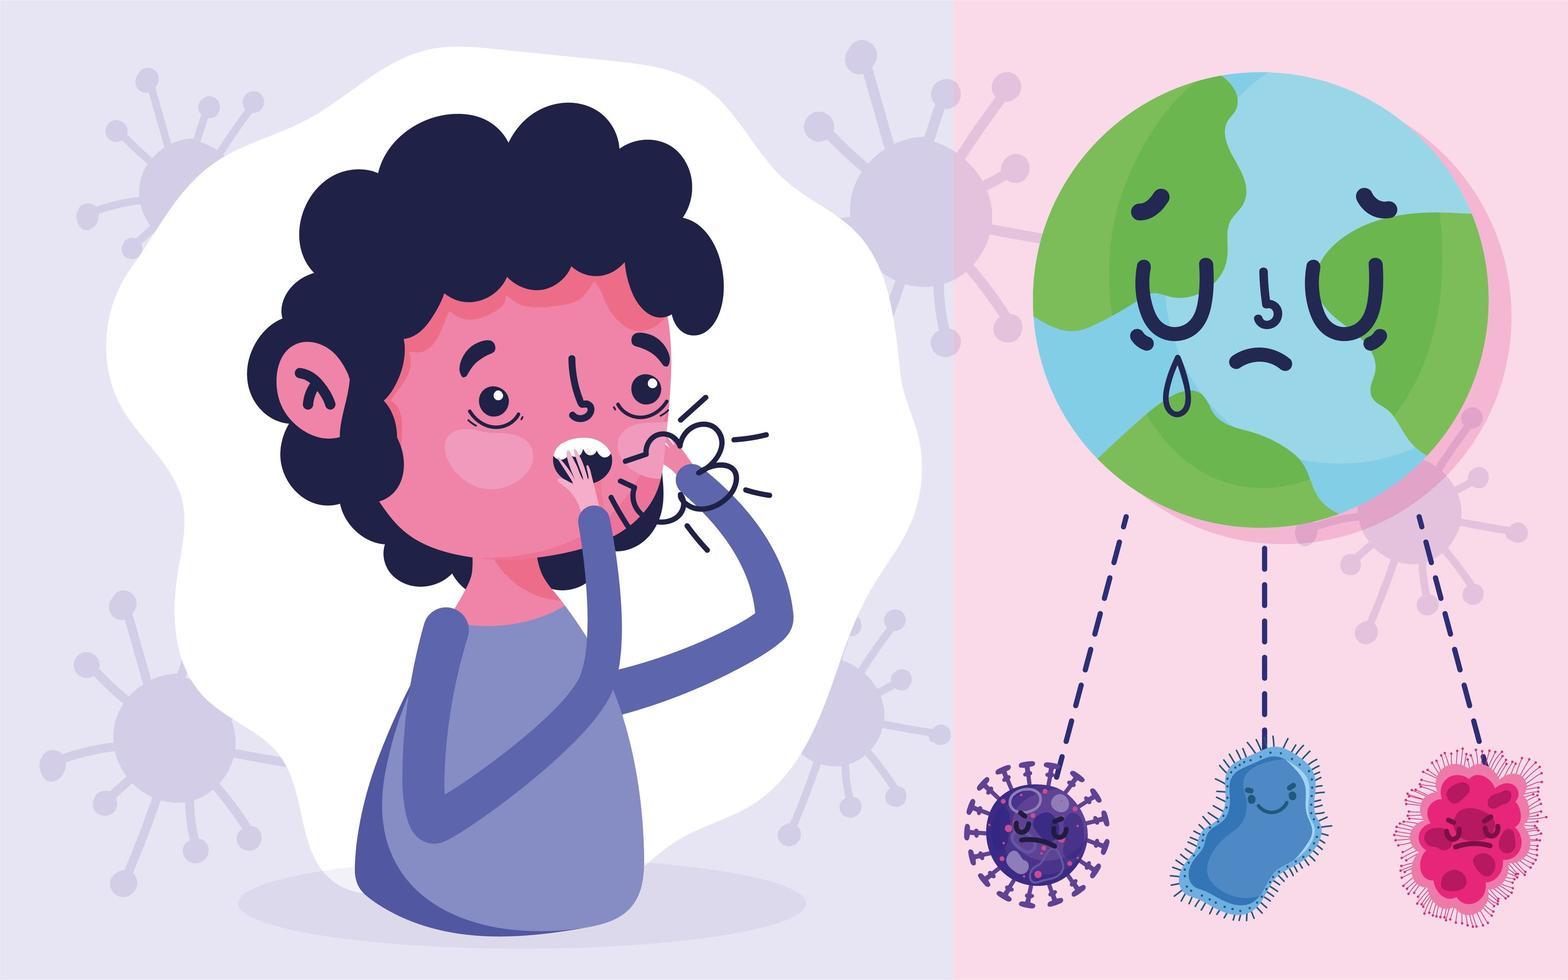 Covid 19 Pandemie Design mit Jungen Husten mit Fieber vektor